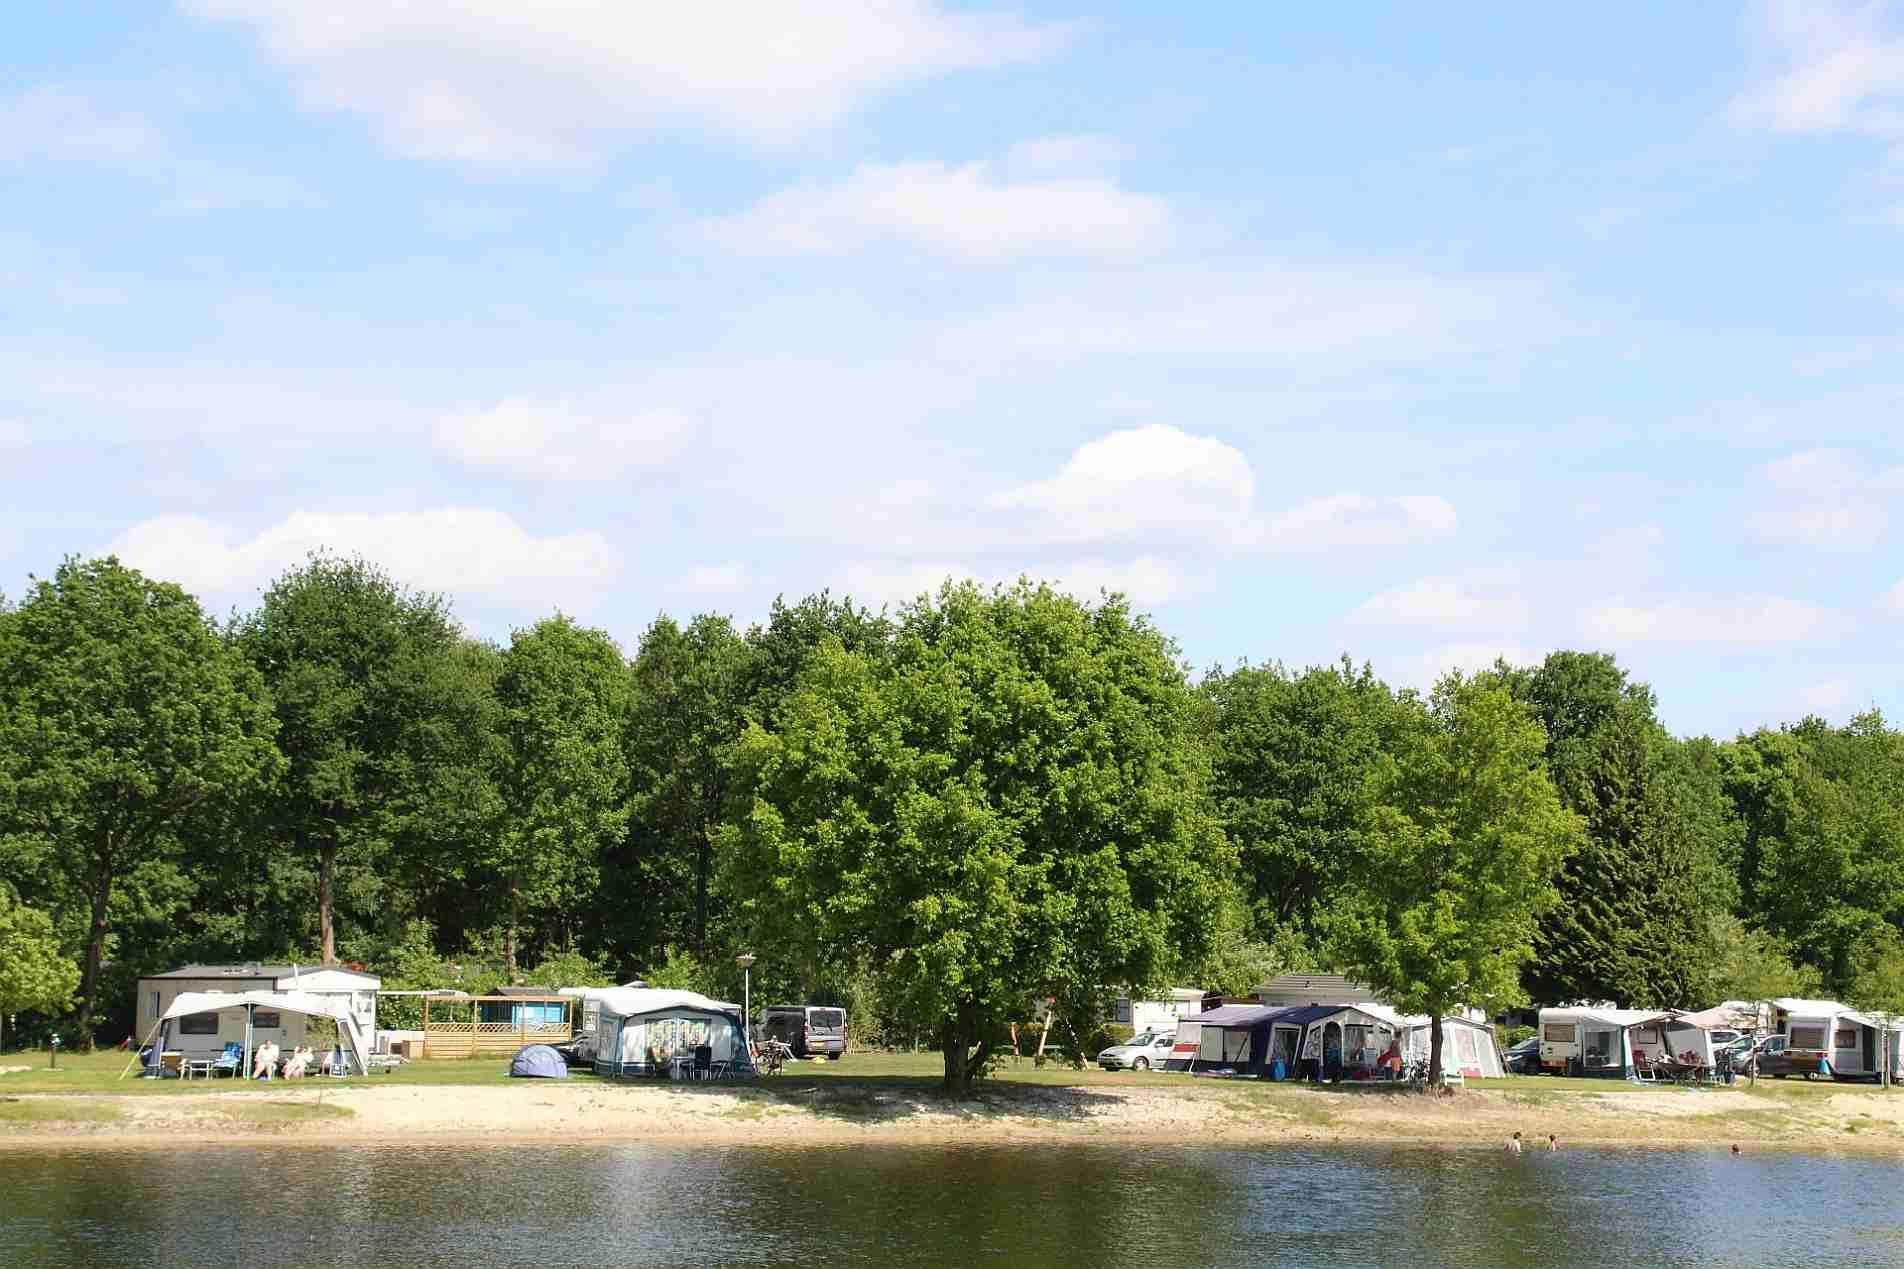 Voordelig de hele septembermaand kamperen - September maand kamperen